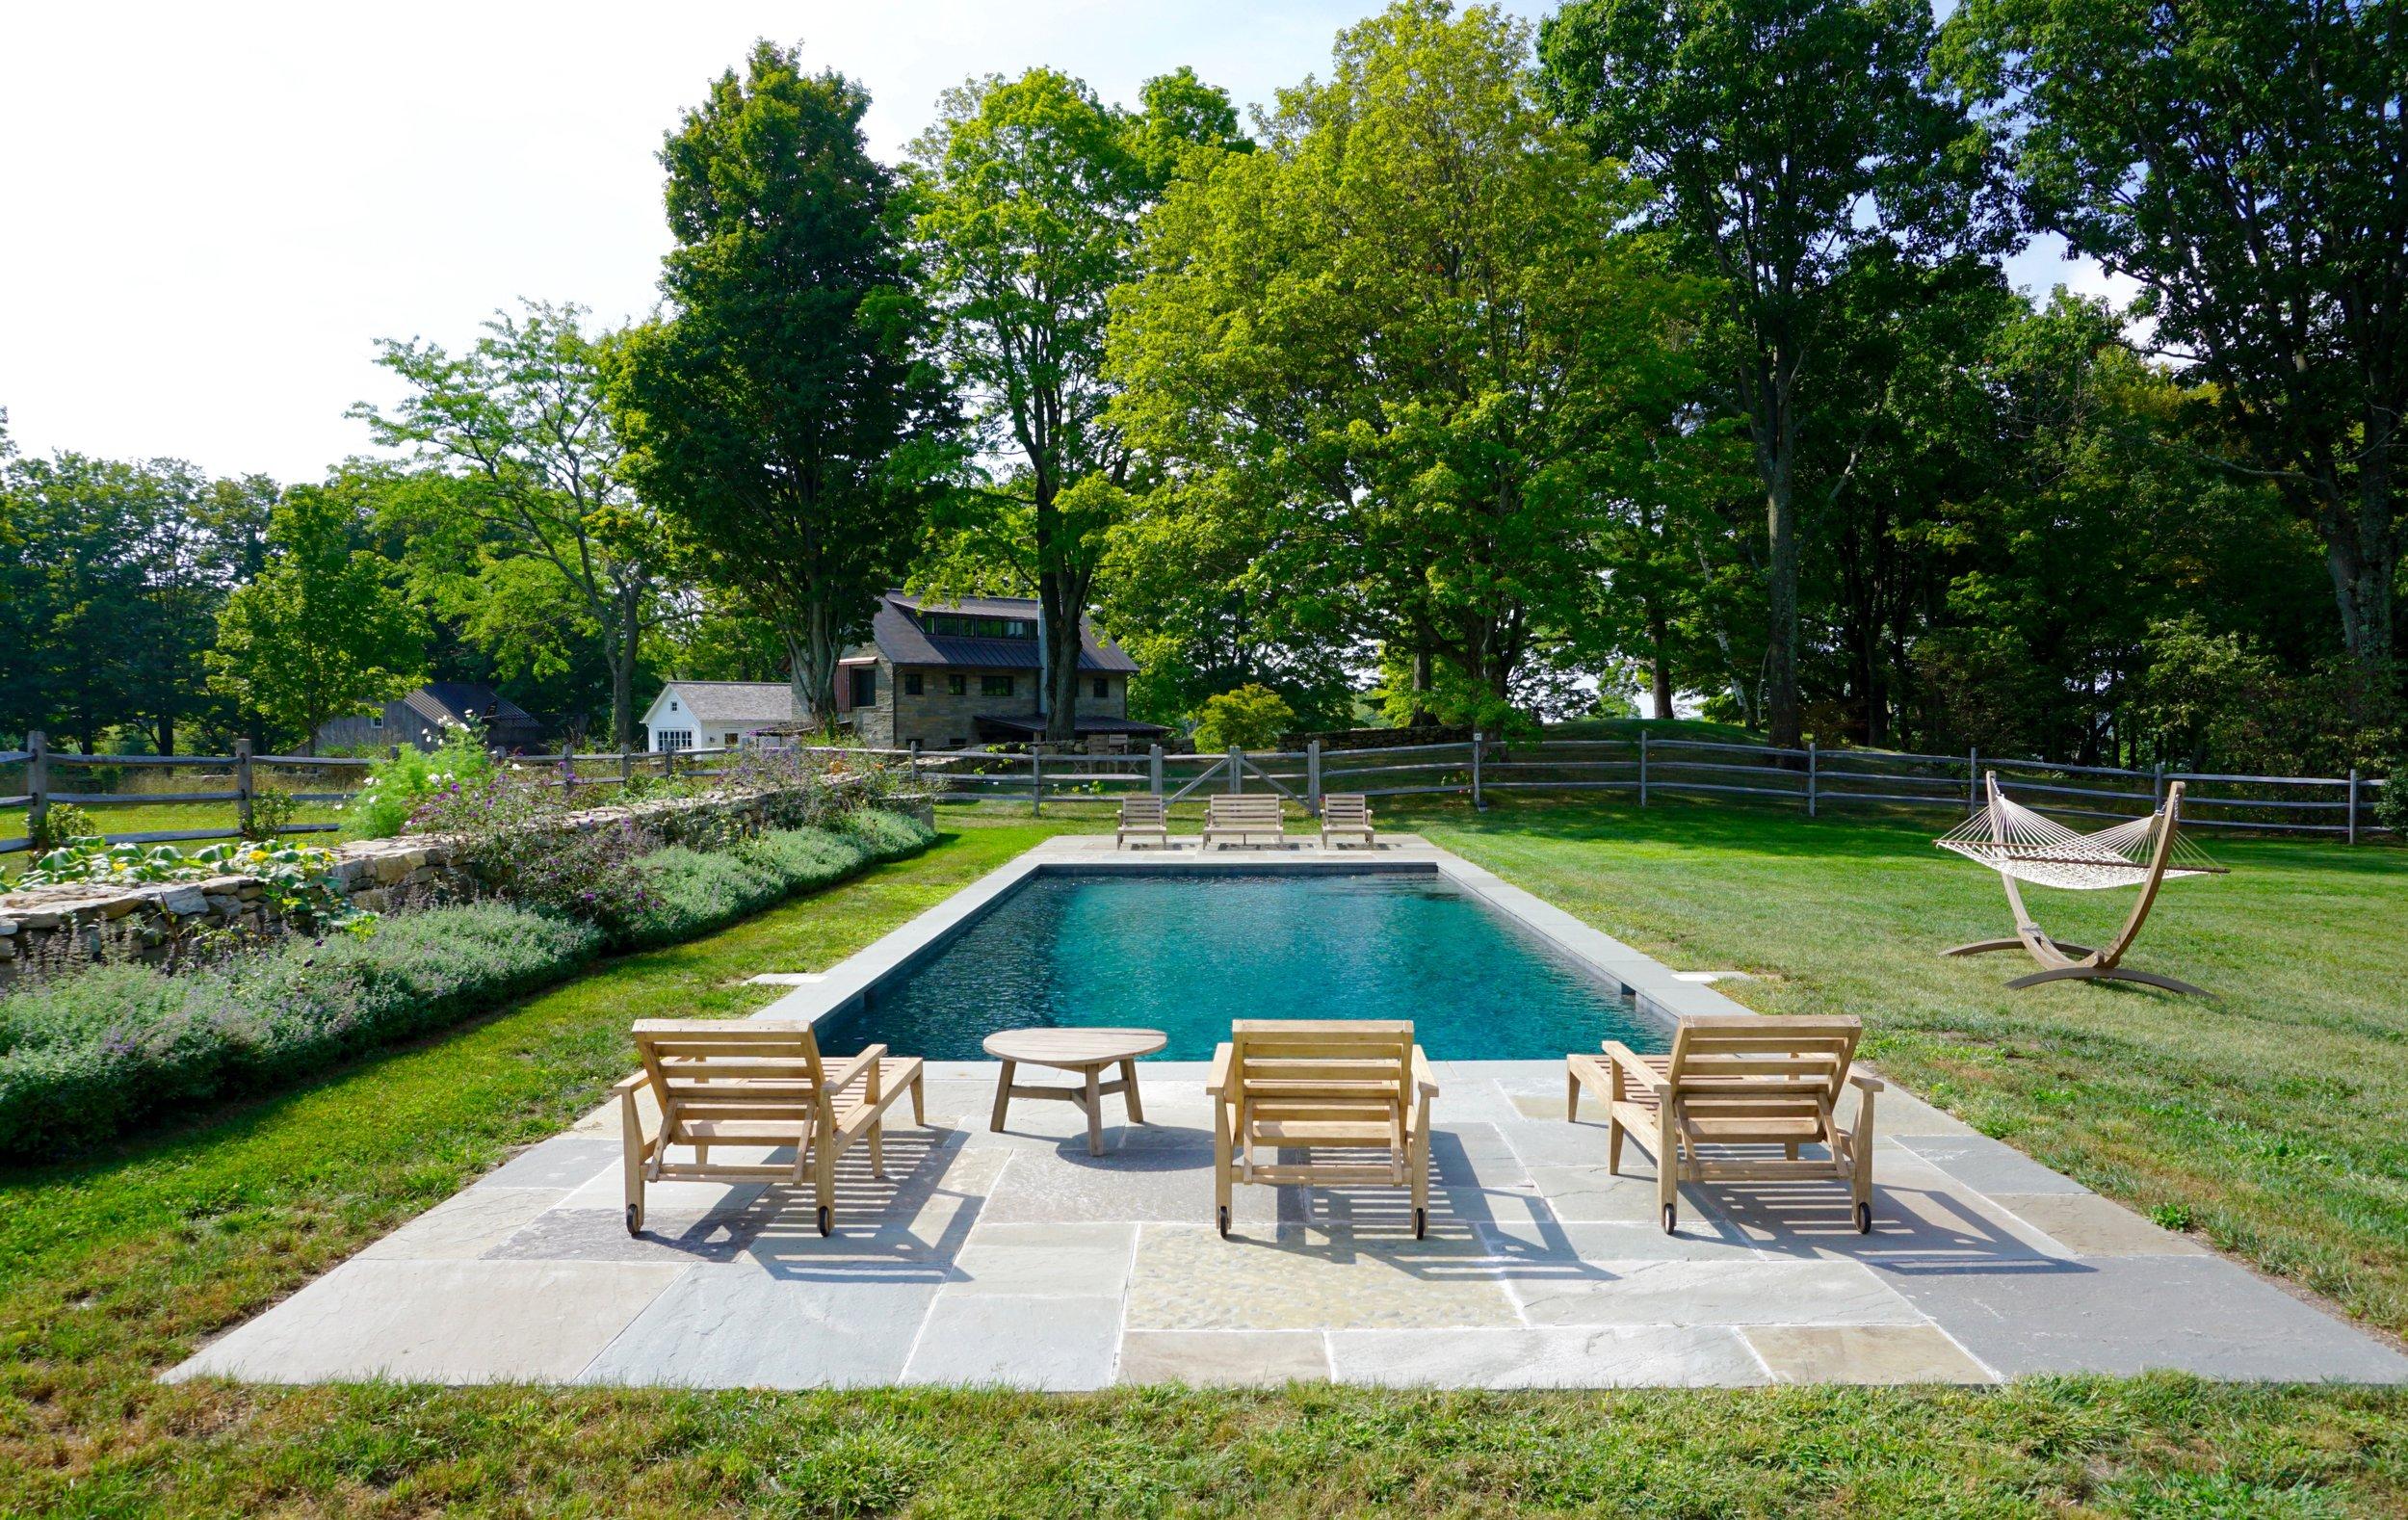 In-ground custom gunite rectangular swimming pool